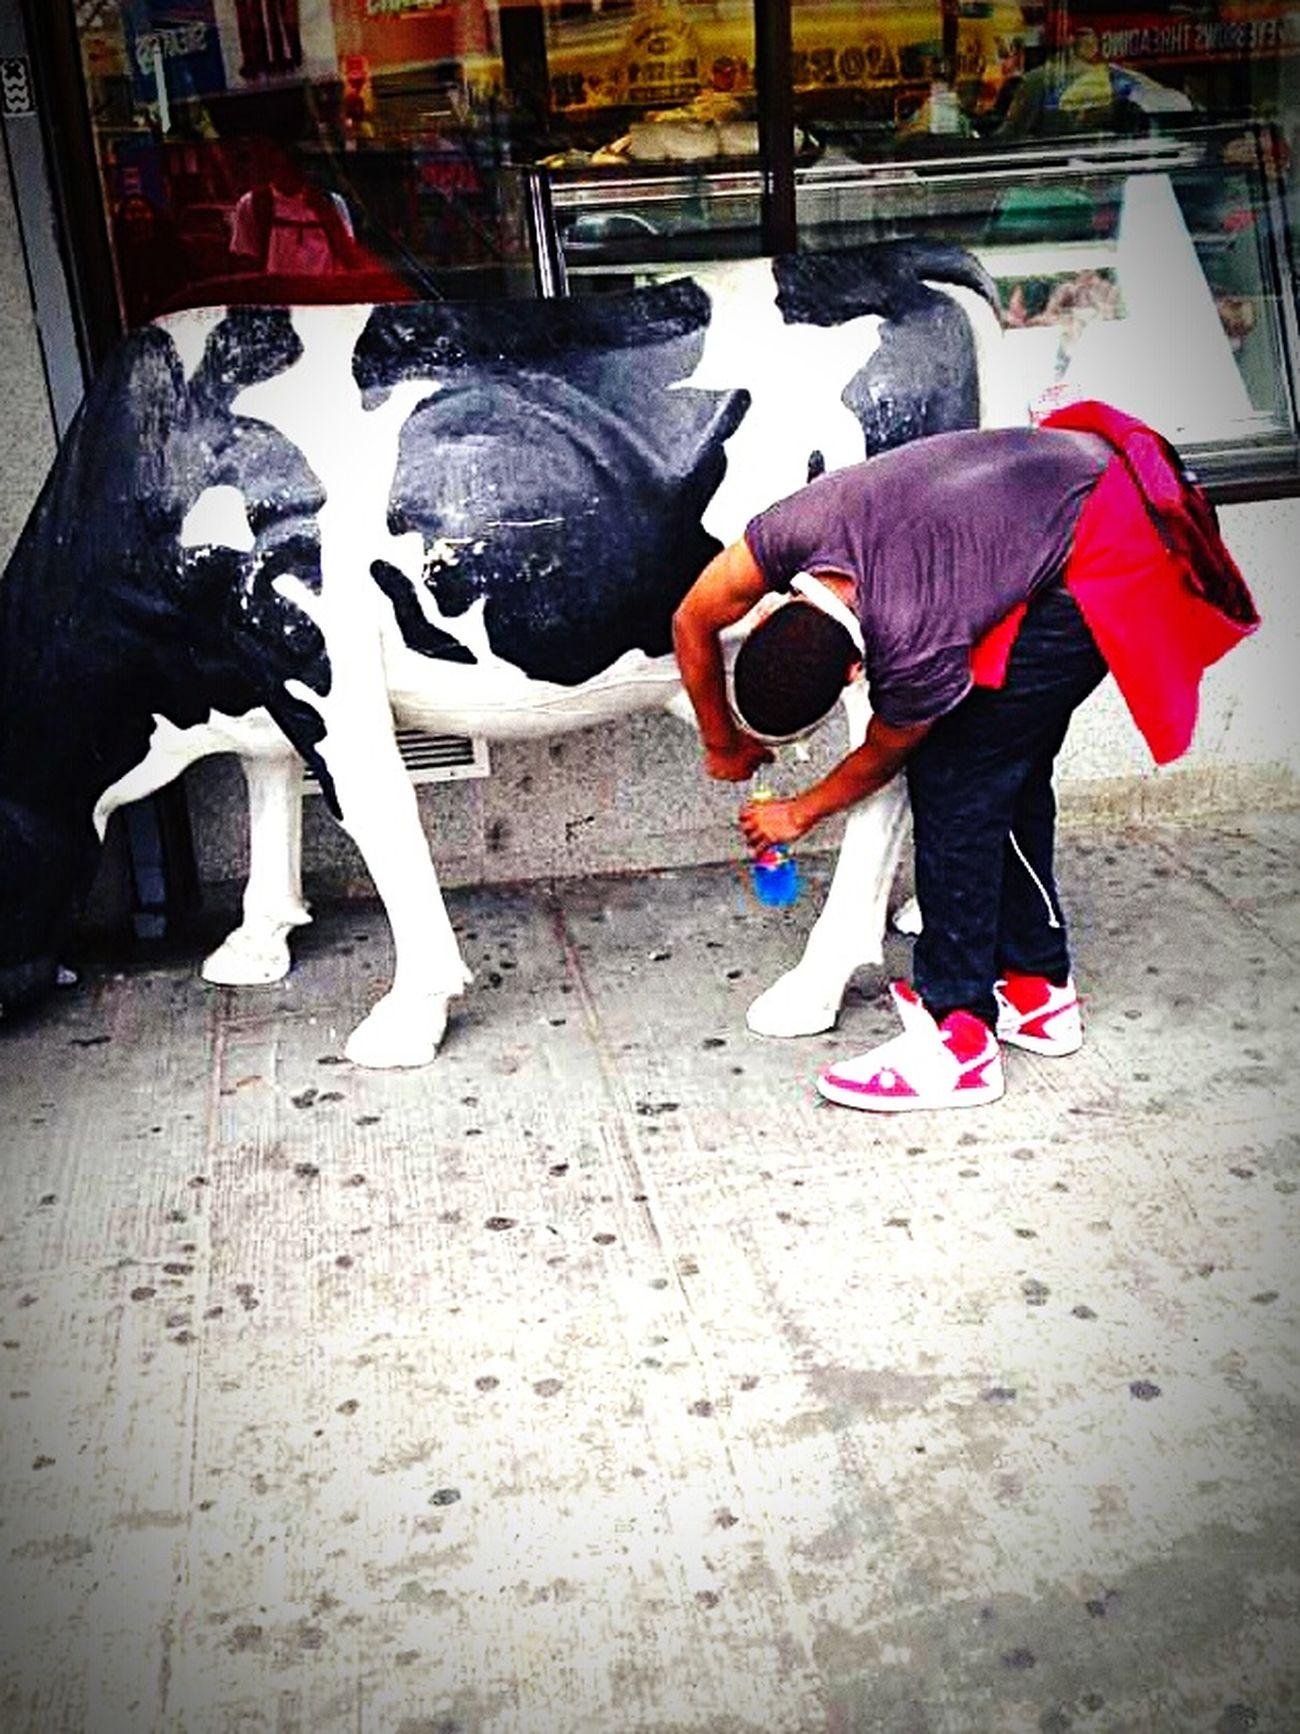 Wyd? Moo Cow BRUH💁